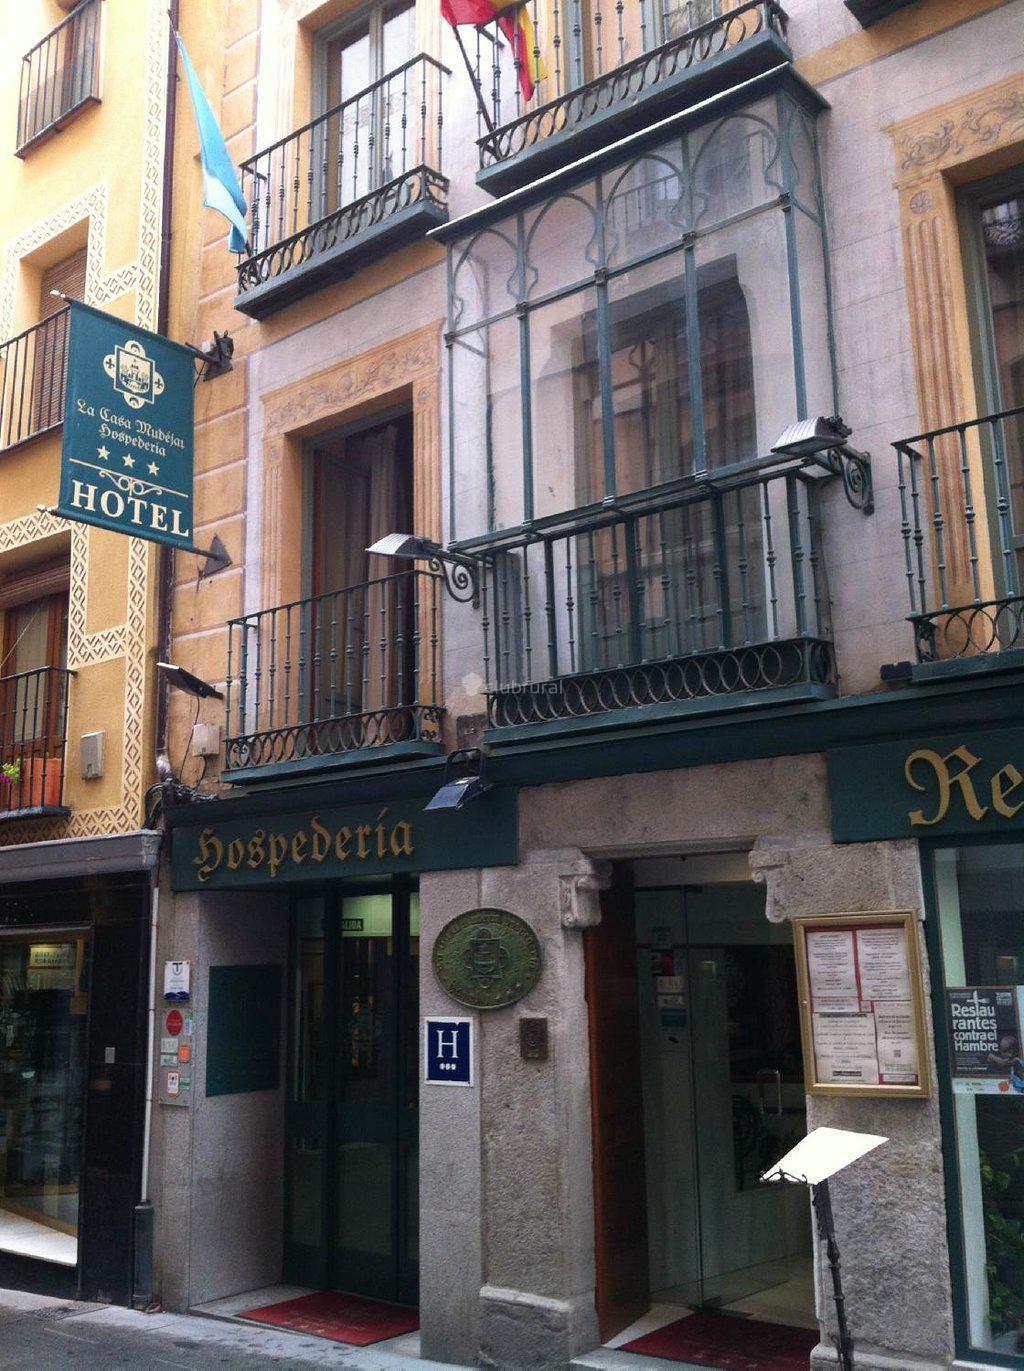 Fotos de hotel spa la casa mudejar segovia segovia clubrural - Hotel casa mudejar segovia ...